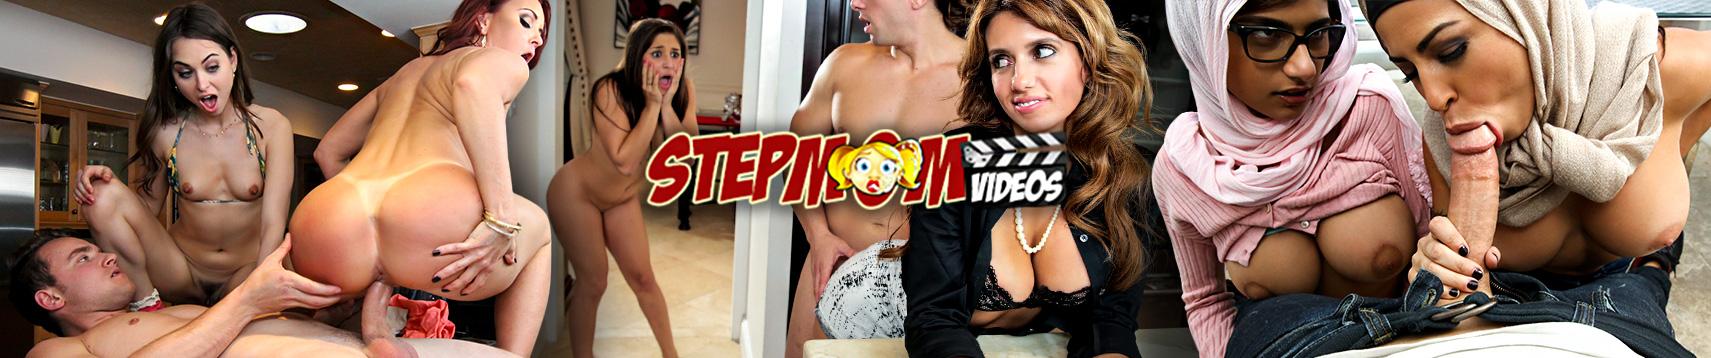 Video porn blow job